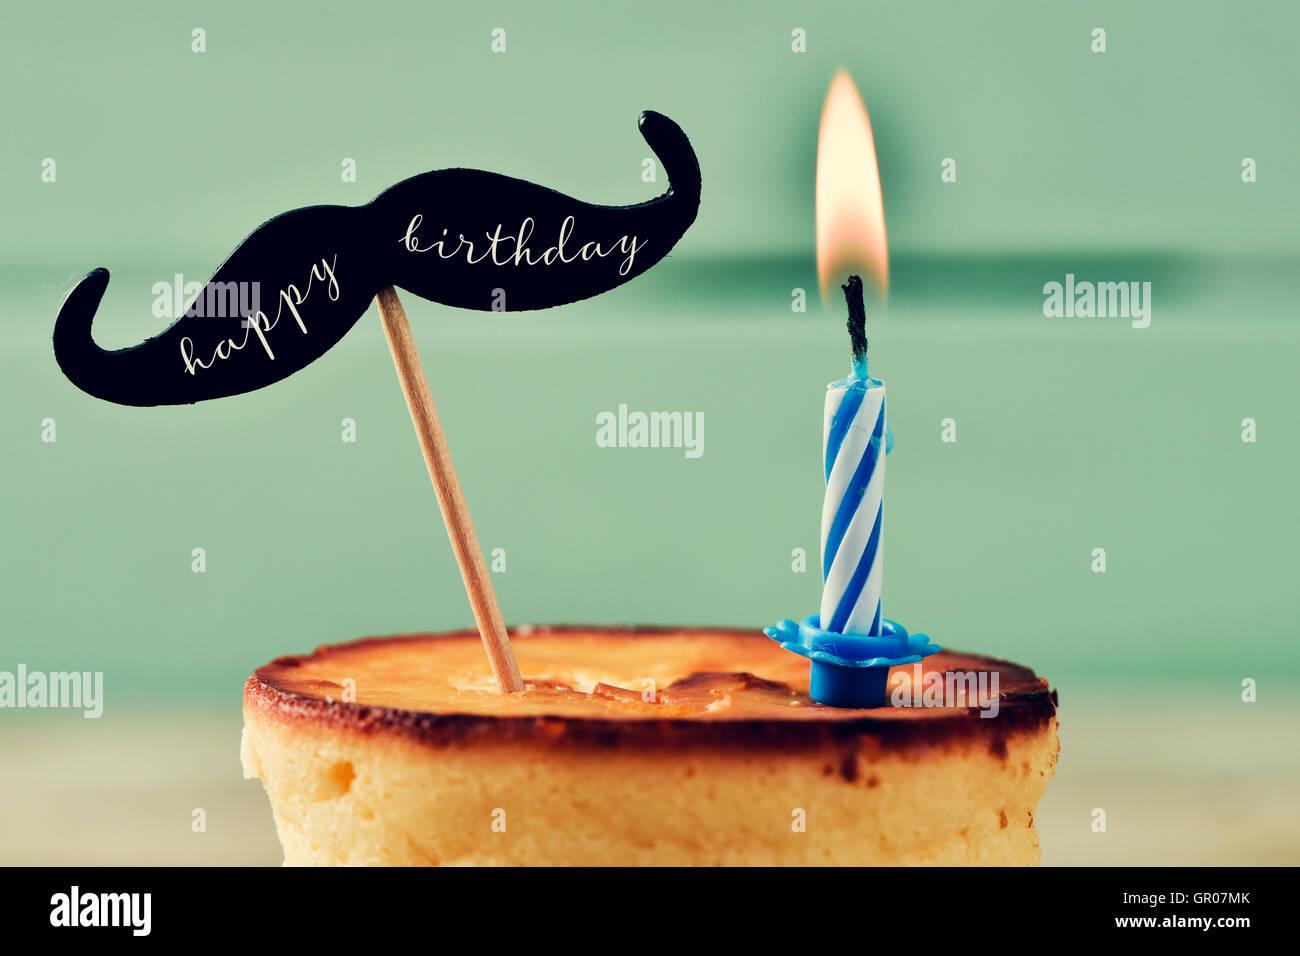 Primo piano di una cheesecake guarnita con un baffi con il testo happy birthday scritto in esso e attaccato ad un Immagini Stock